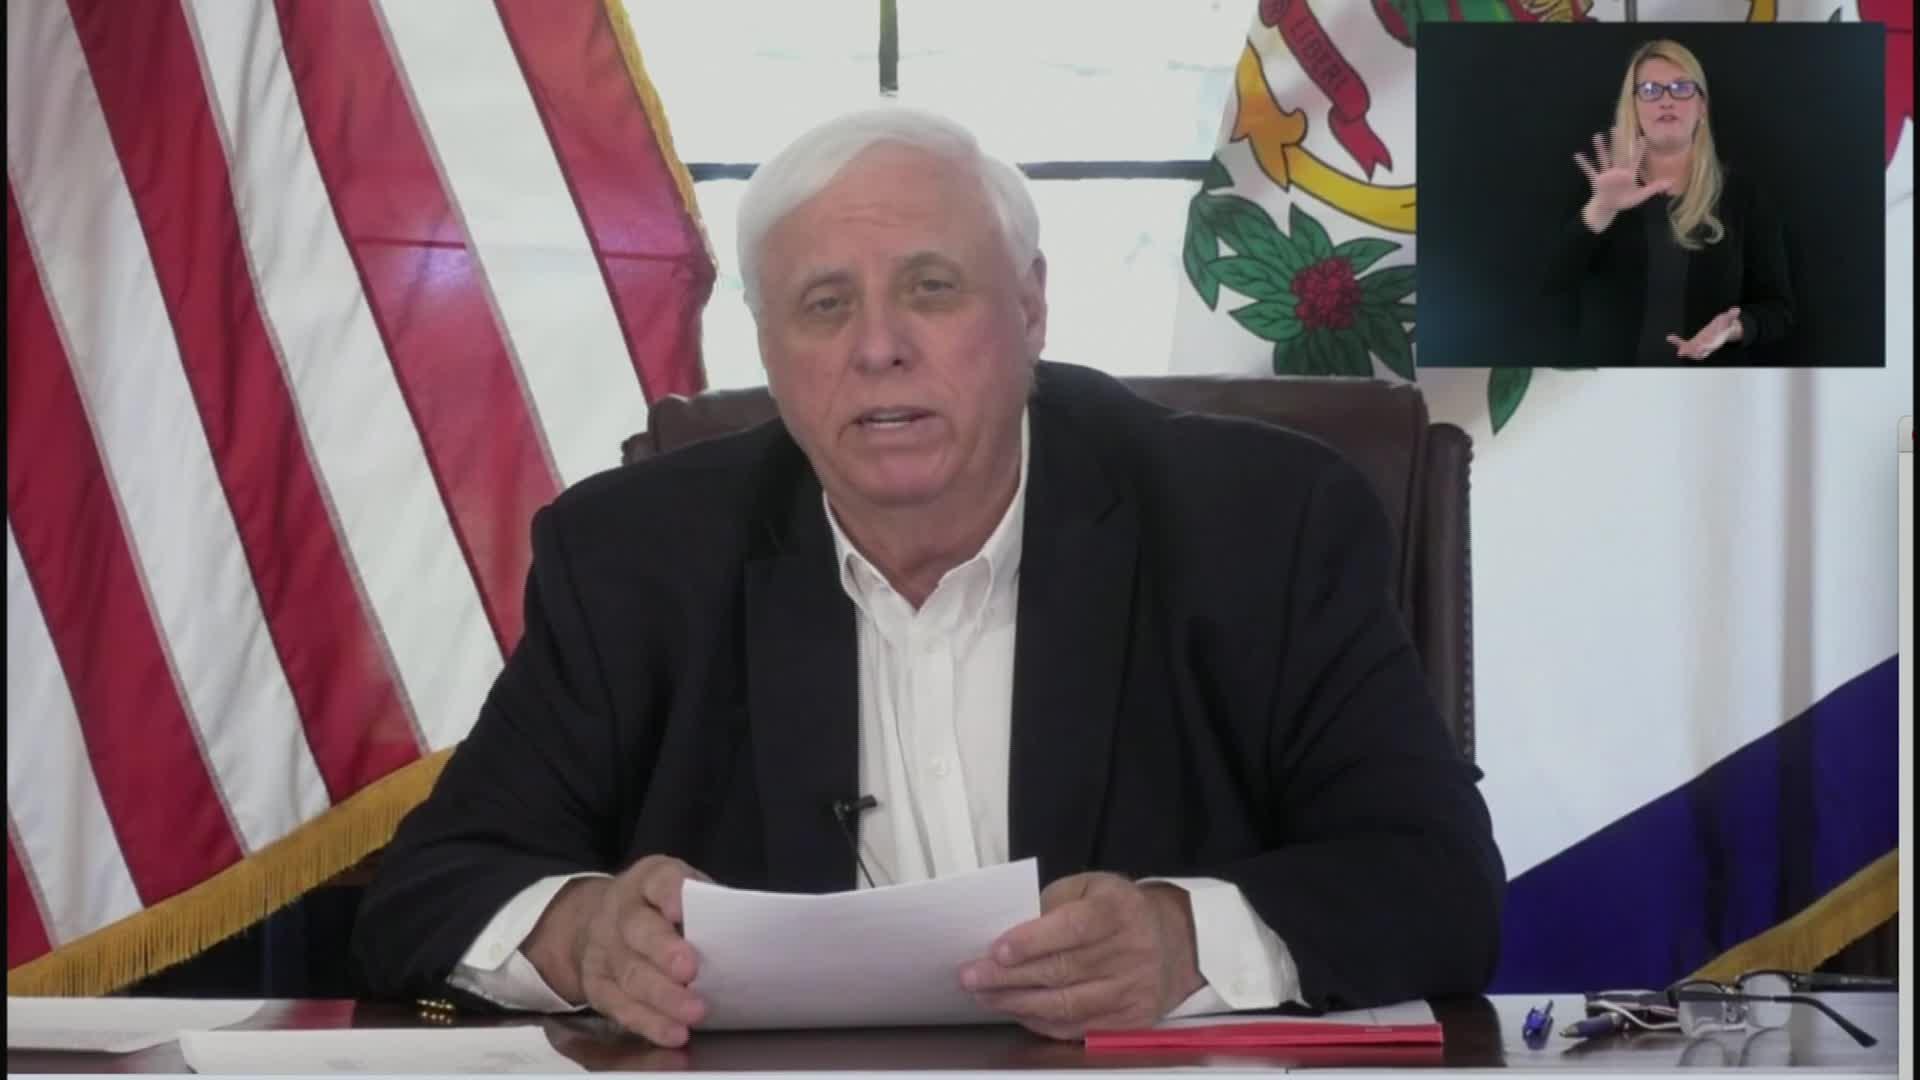 West Virginia Gov. Jim Justice speaks during a press conference on November 25.